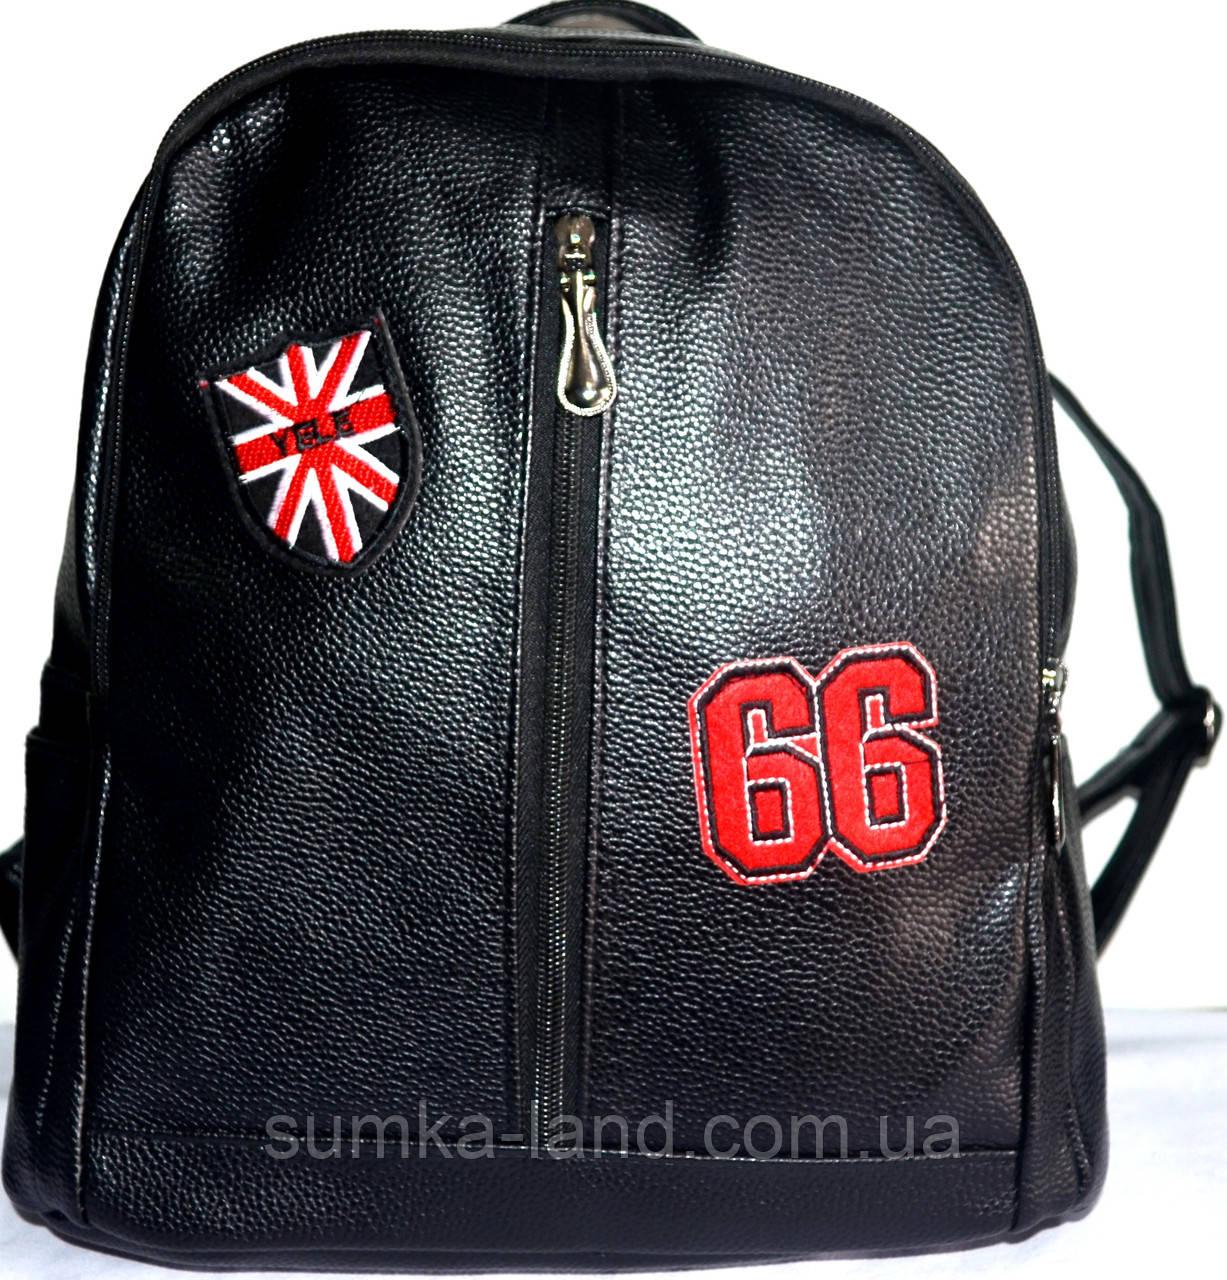 f351886096fd Женский городской рюкзак из искусственной кожи 26*33 (черный ...